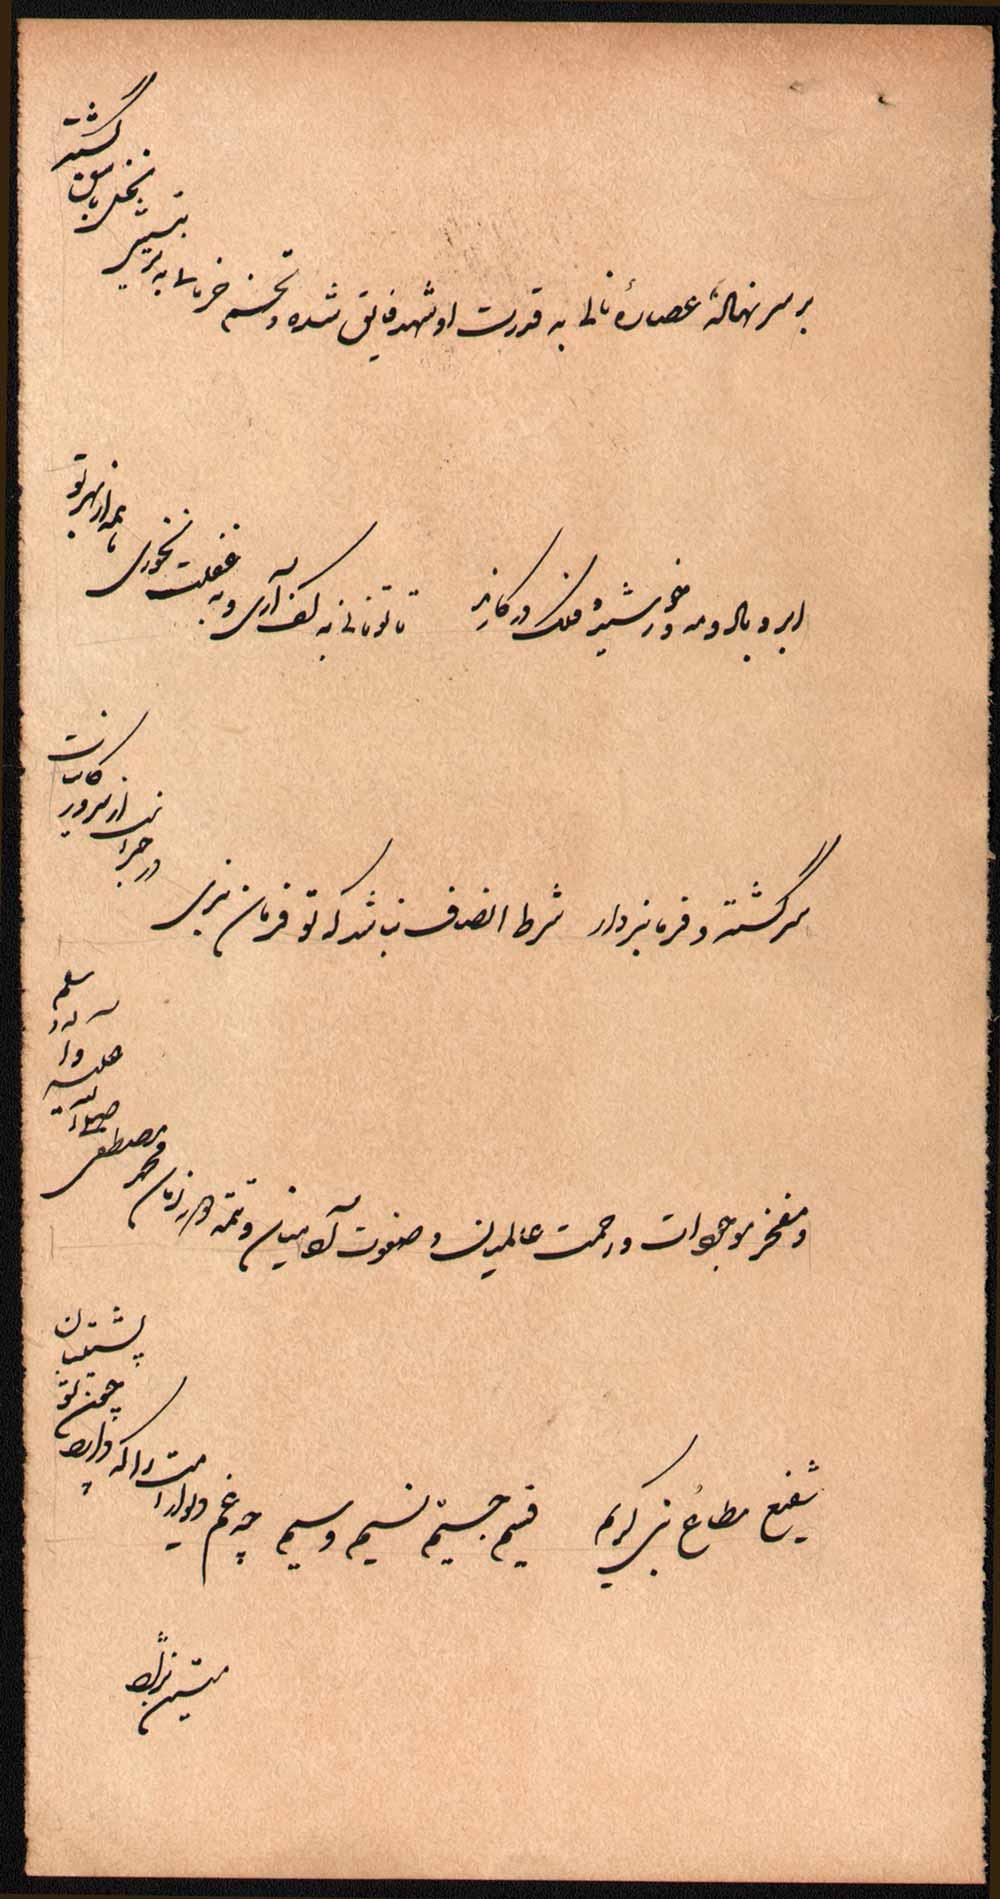 tahriri-saitsfw-5